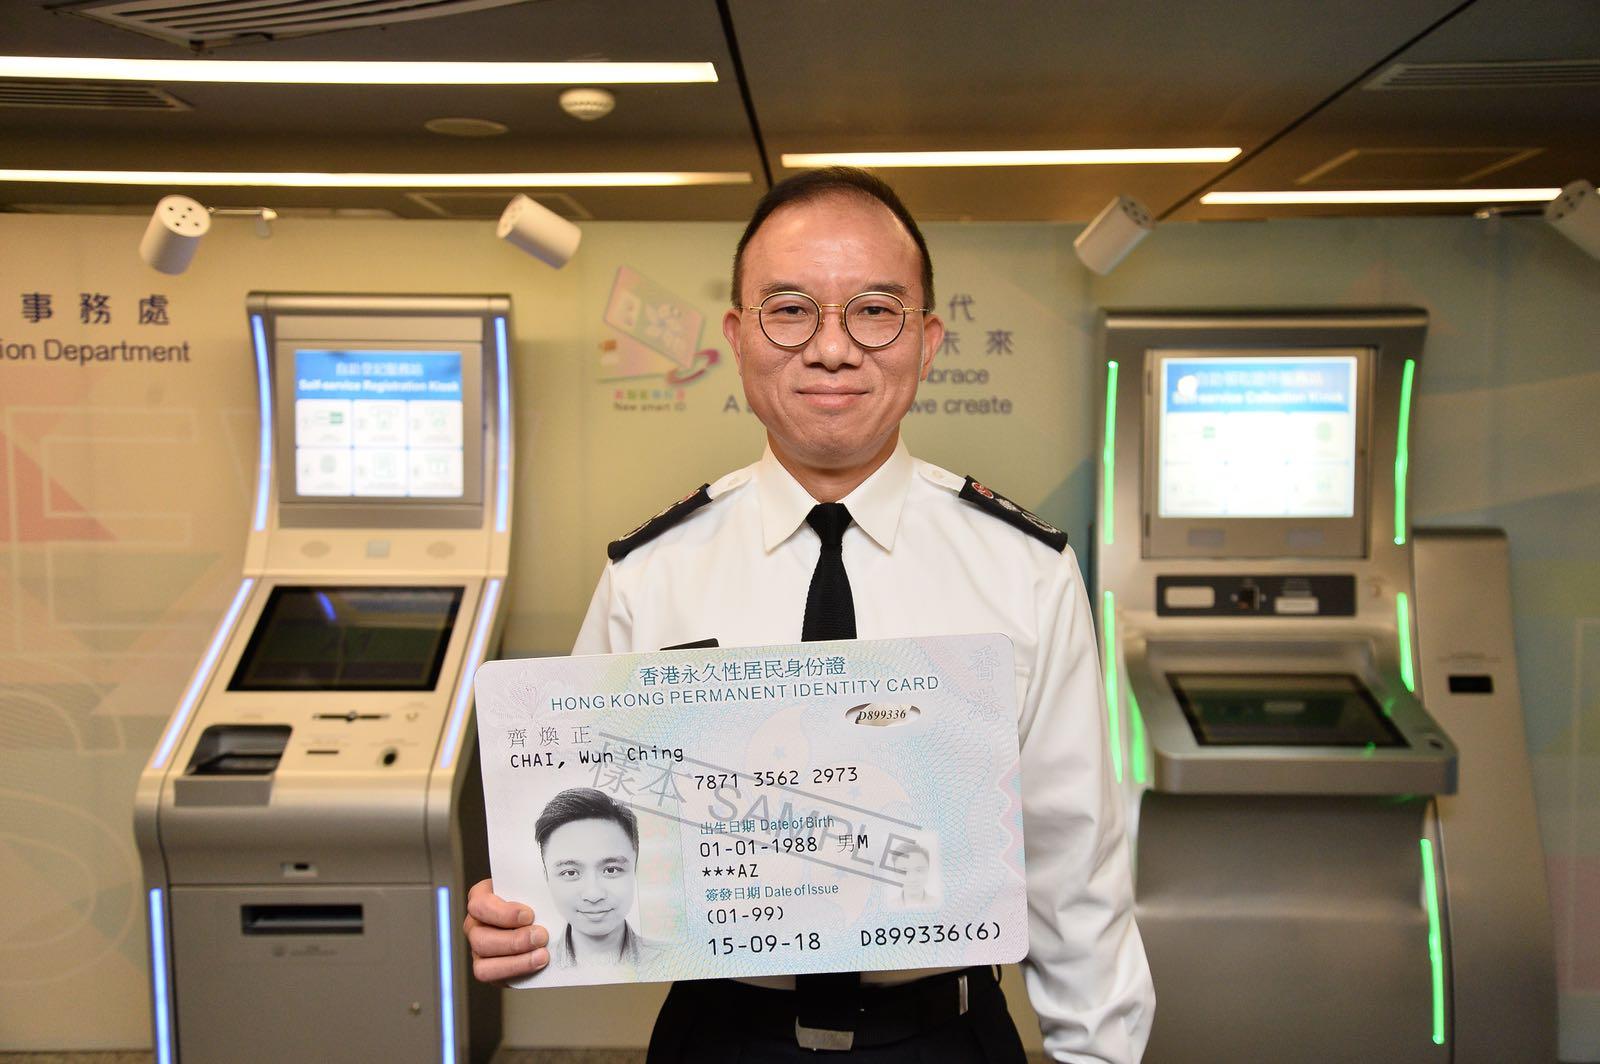 入境處今年年底起將展開新一代智能身份證的換證計劃。